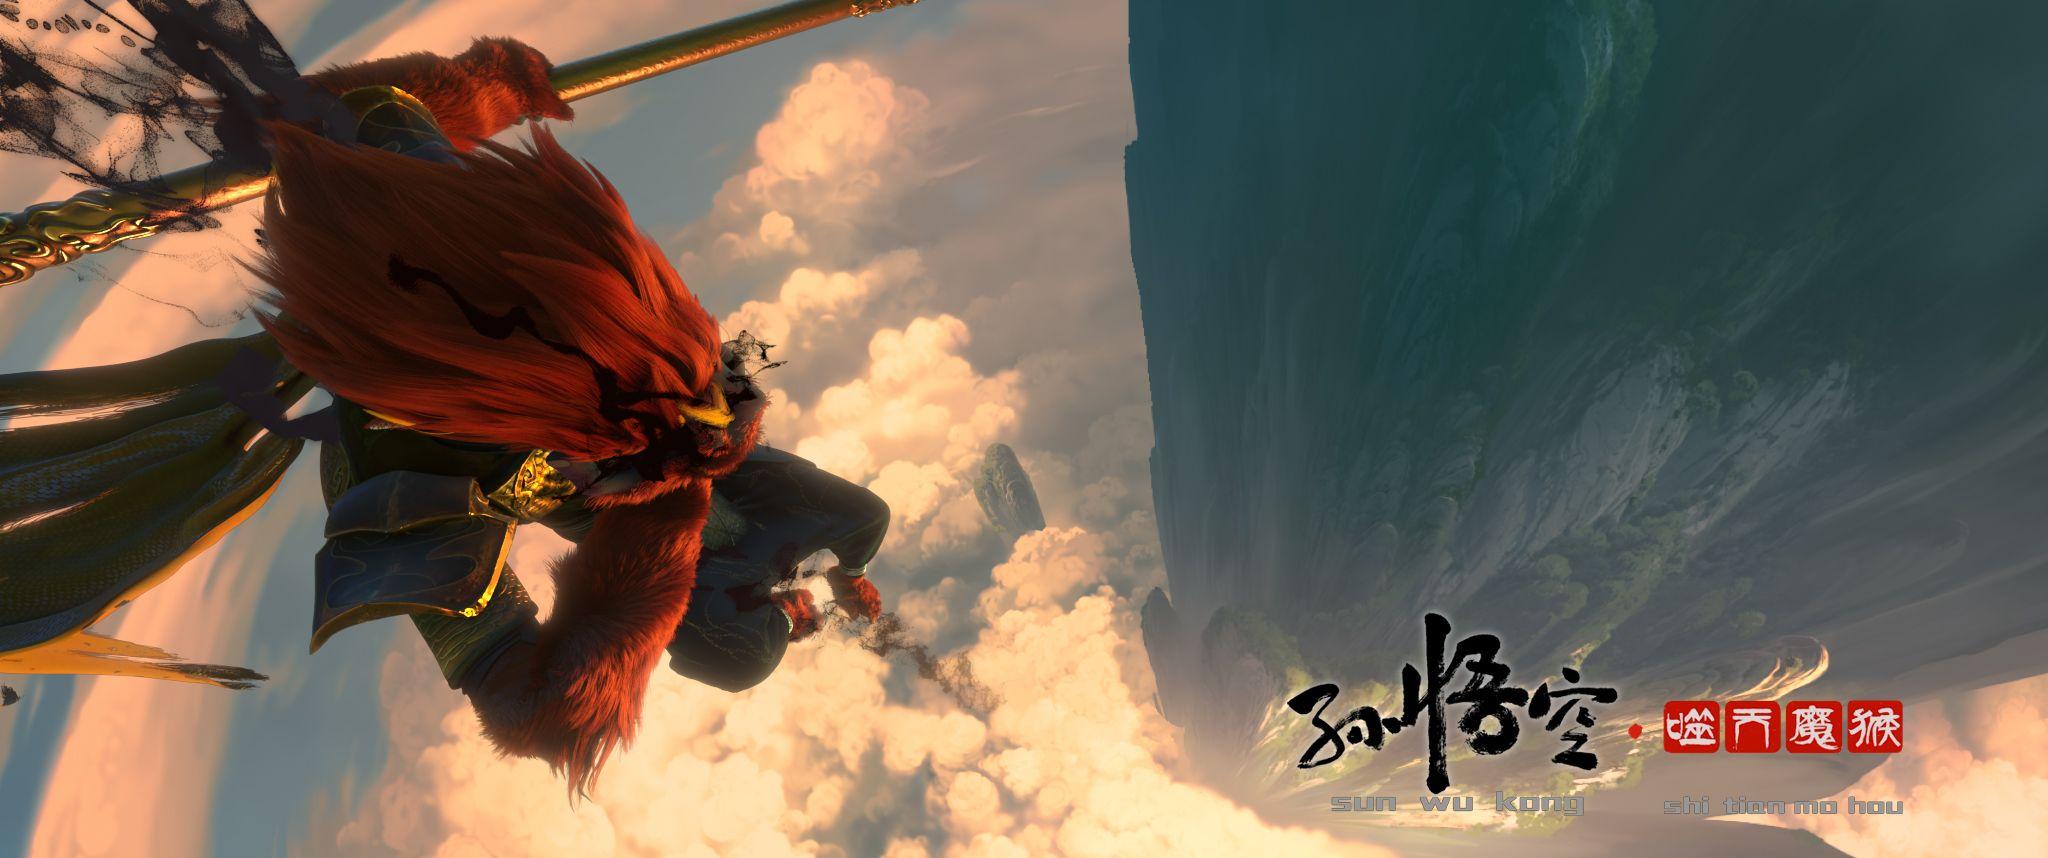 《姜子牙》后新电影预上映,同一团队打造的《孙悟空之噬天魔猴》